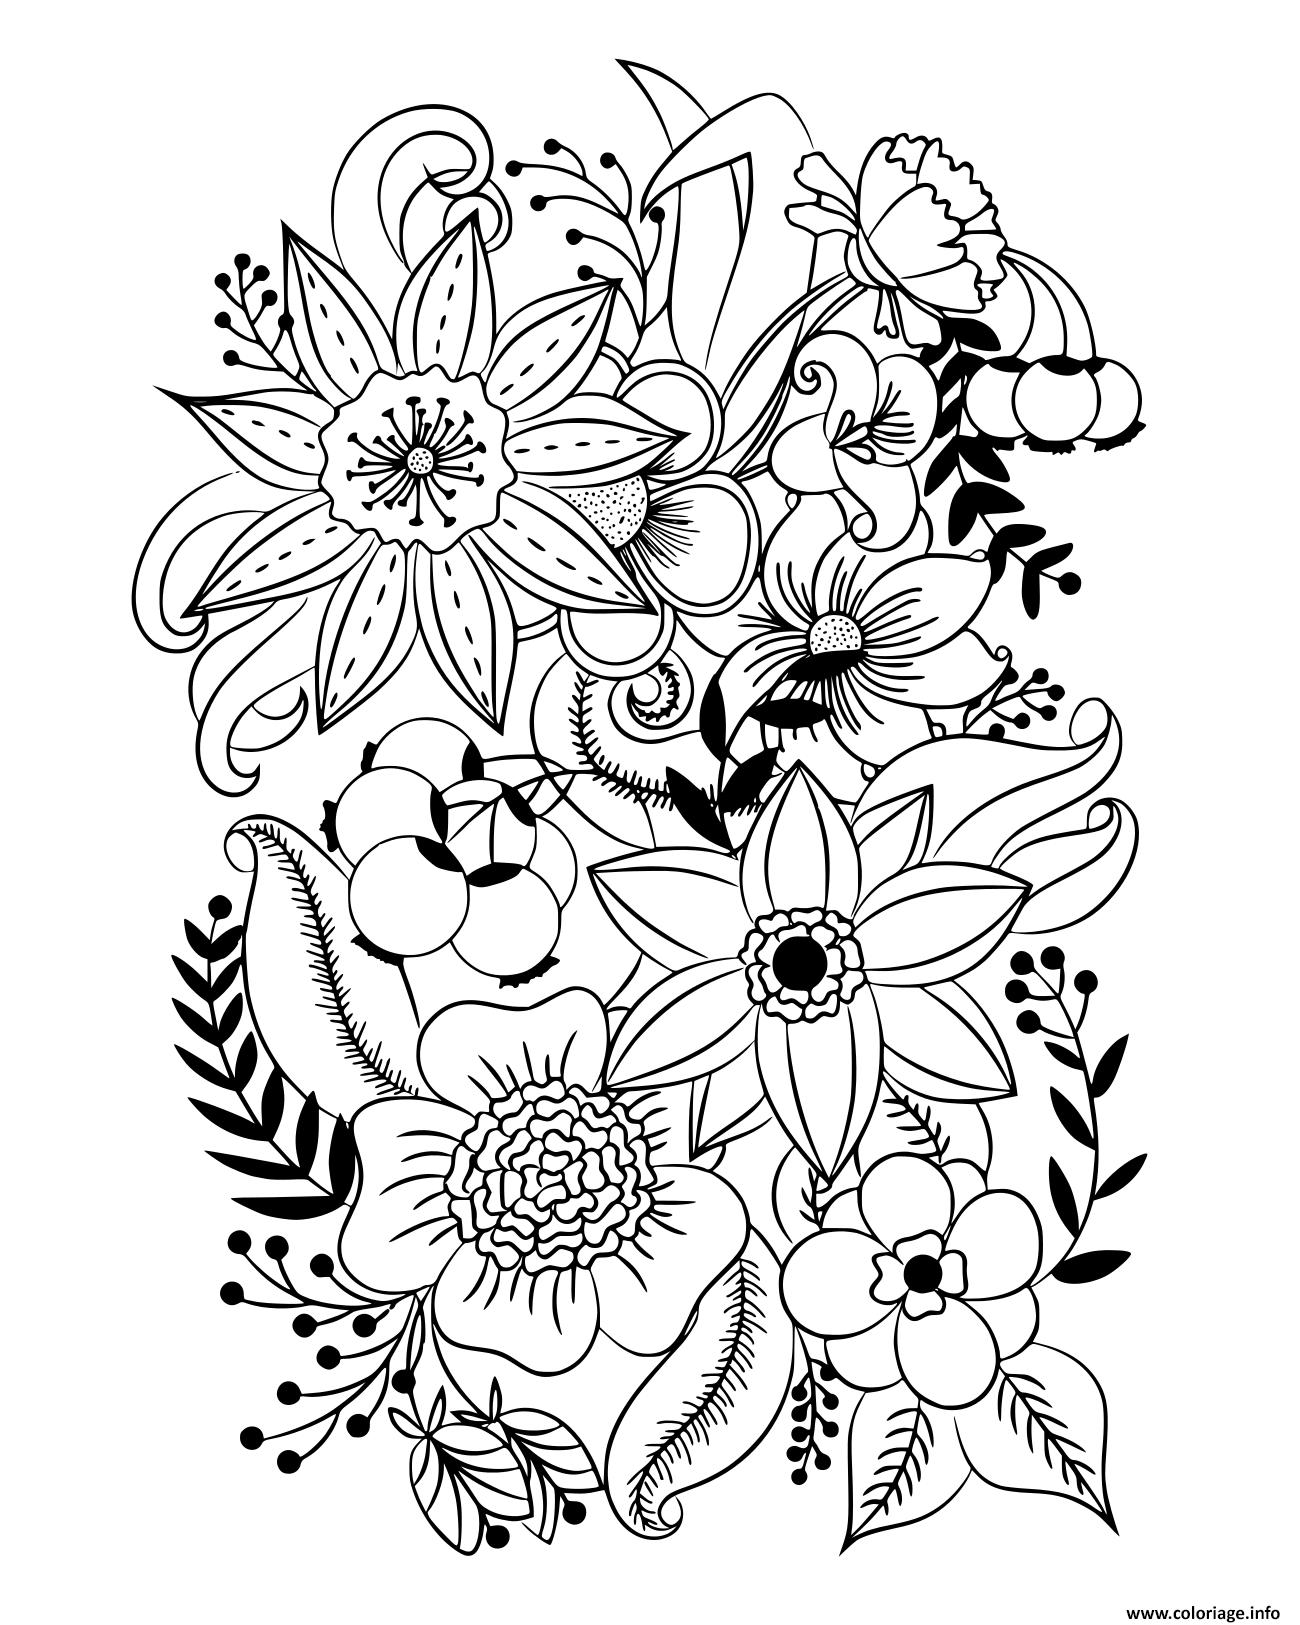 Coloriage diverses fleurs et feuilles insipration à imprimer